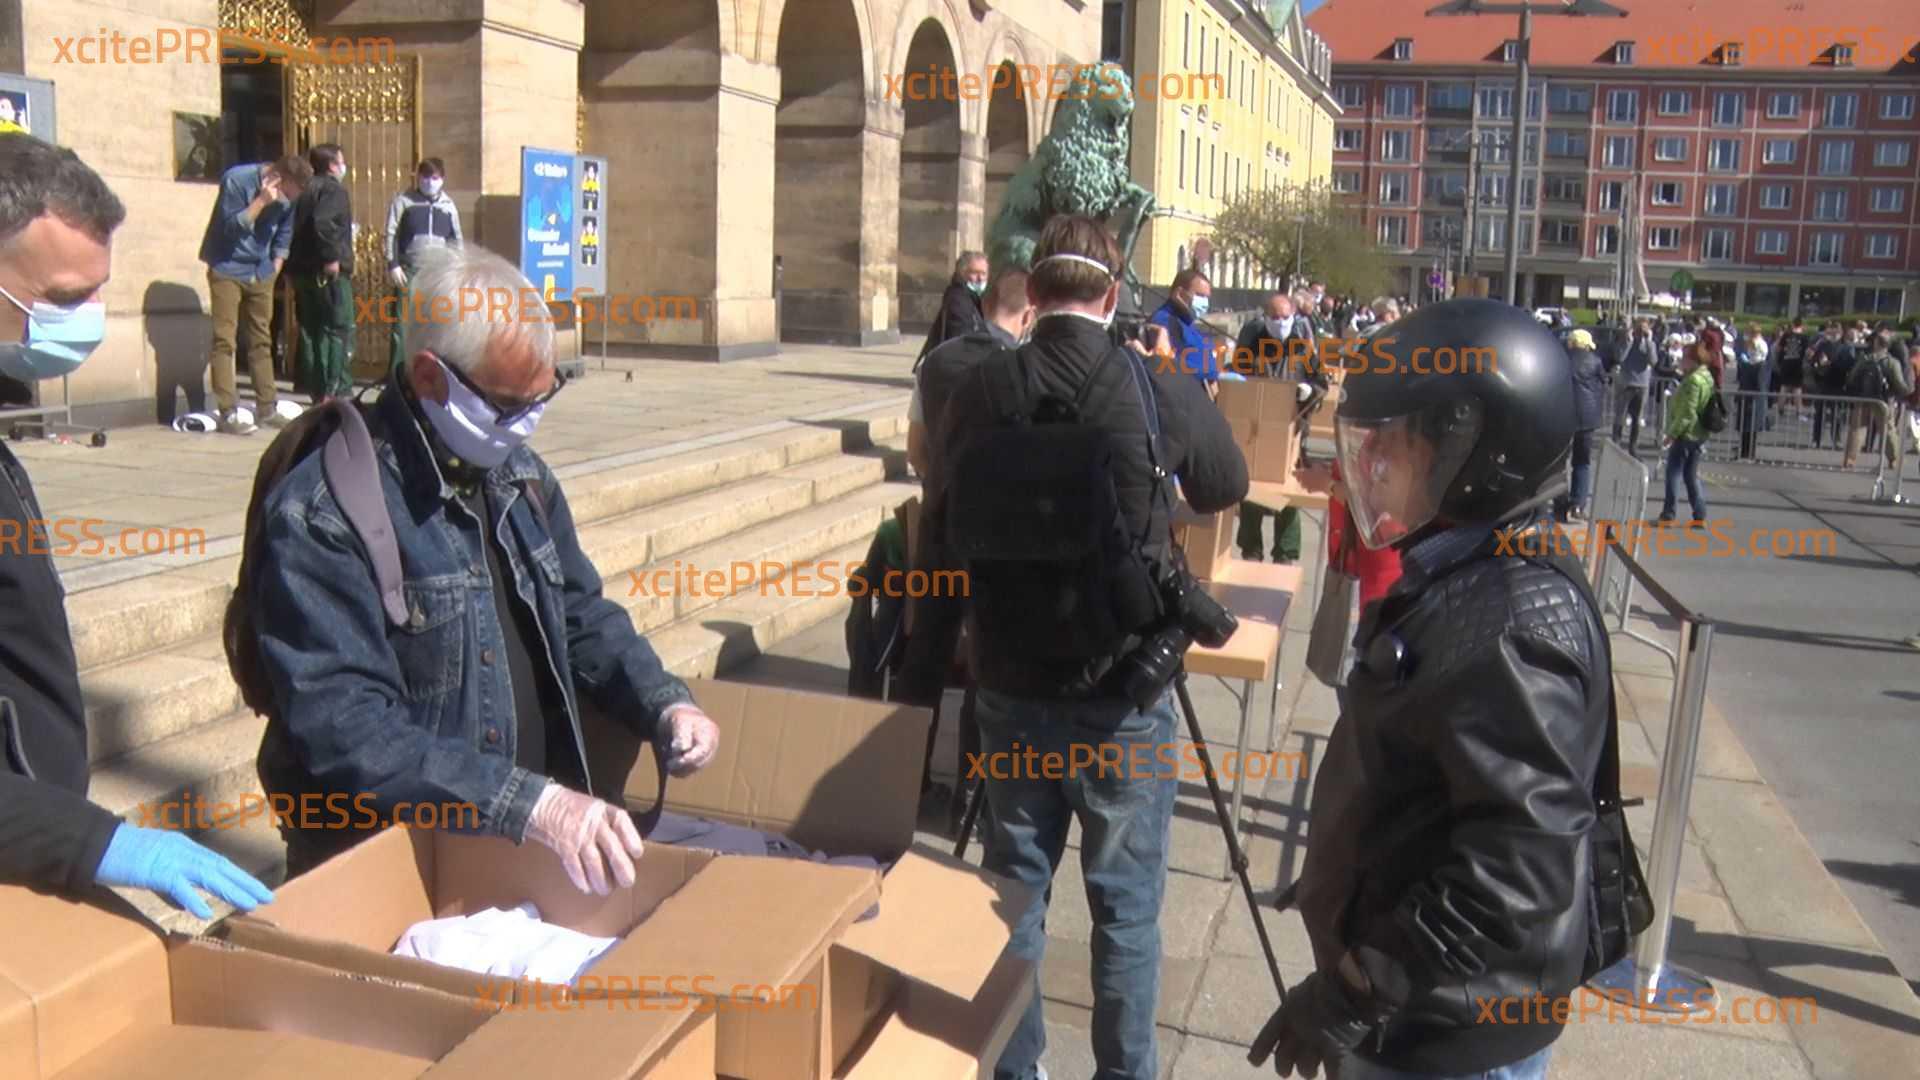 Wegen Maskenpflicht: Stadt verteilt kostenlos Mund-Nase-Bedeckungen für Dresdnerinnen und Dresdner: 200 000 textile Schutz-Bedeckungen werden bereits gehalten